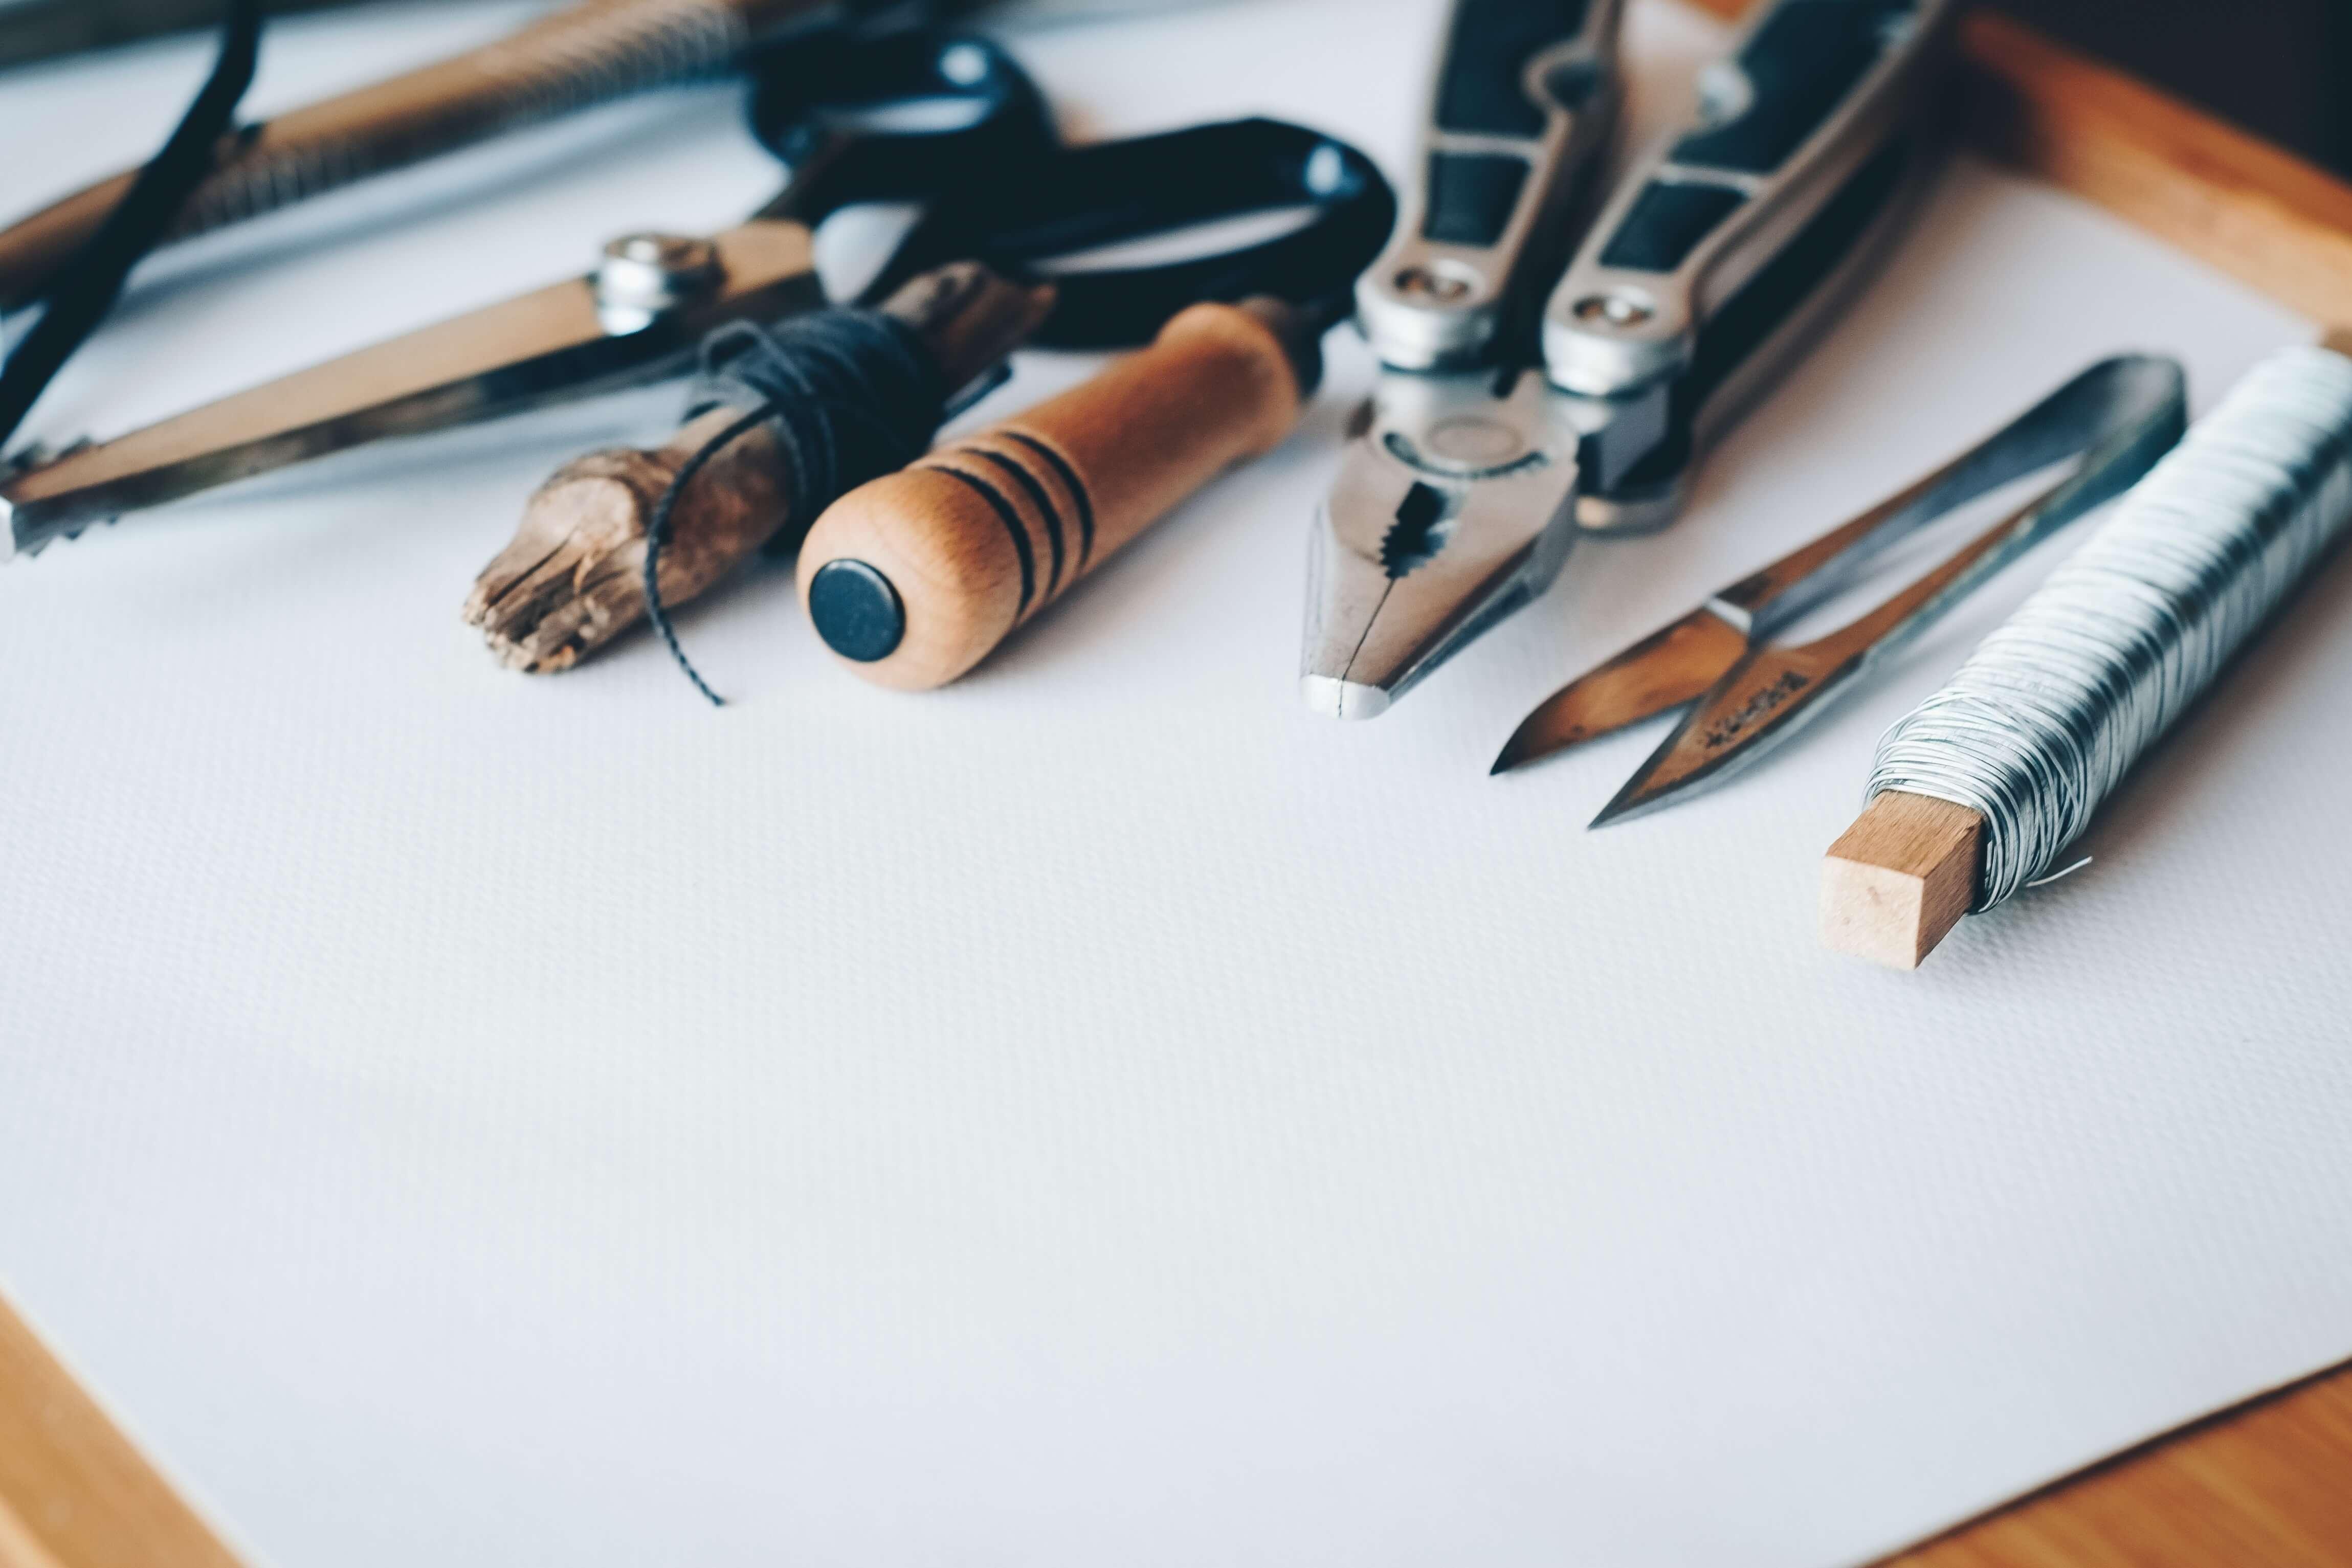 tools_Skills